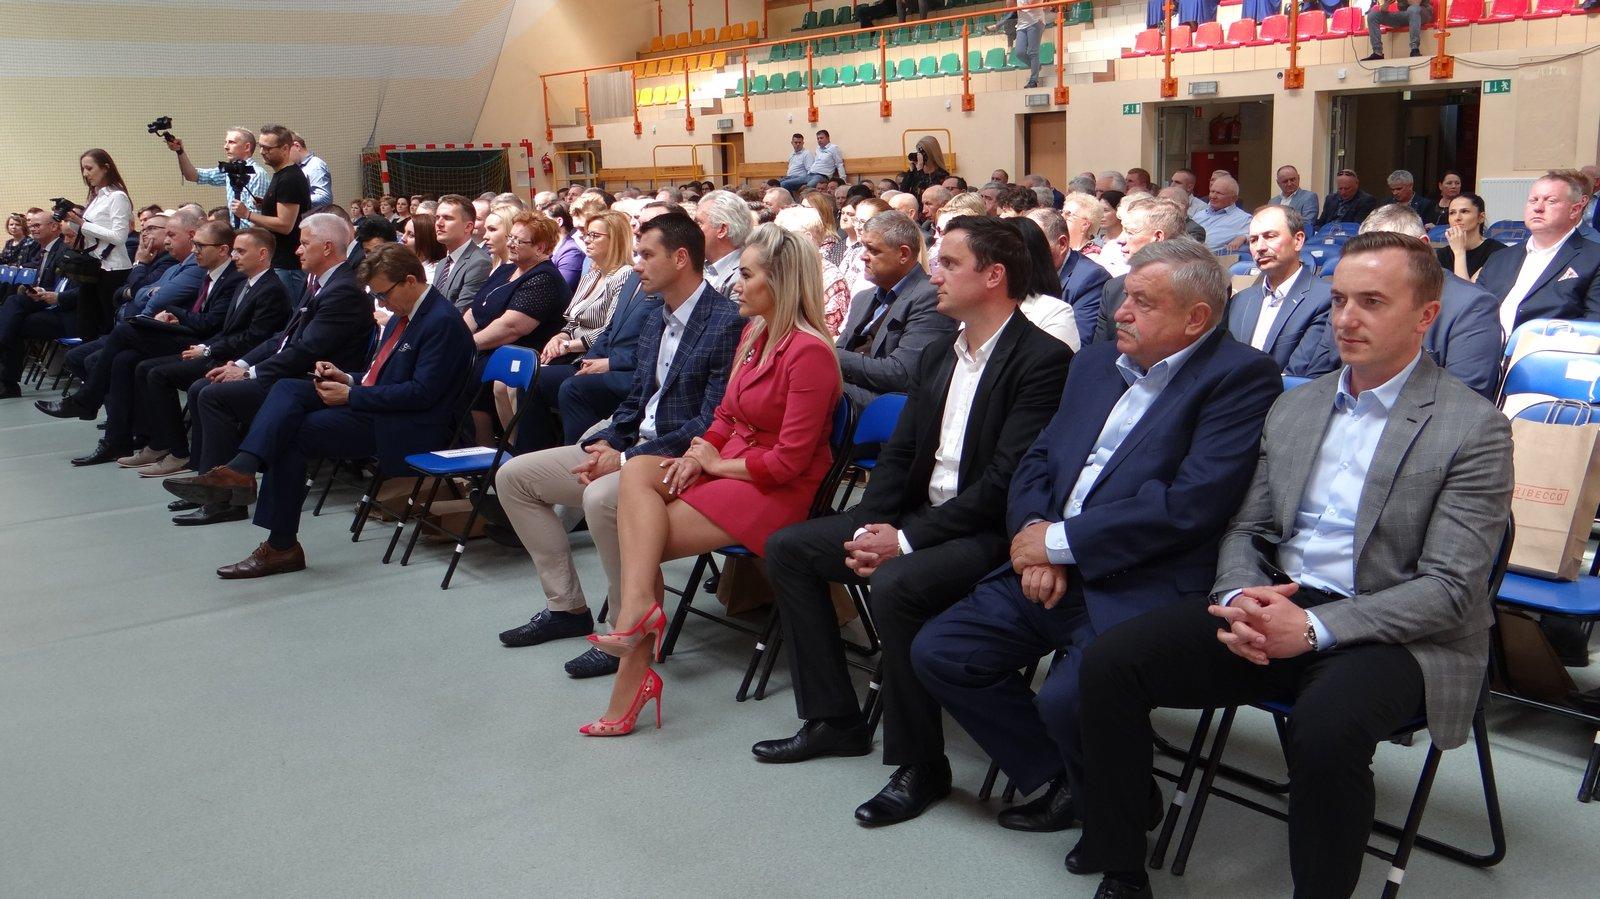 dsc09447 - Wielkopolska zaradność i pracowitość doceniona na Forum Wielkopolskiej Wsi Europejskiej